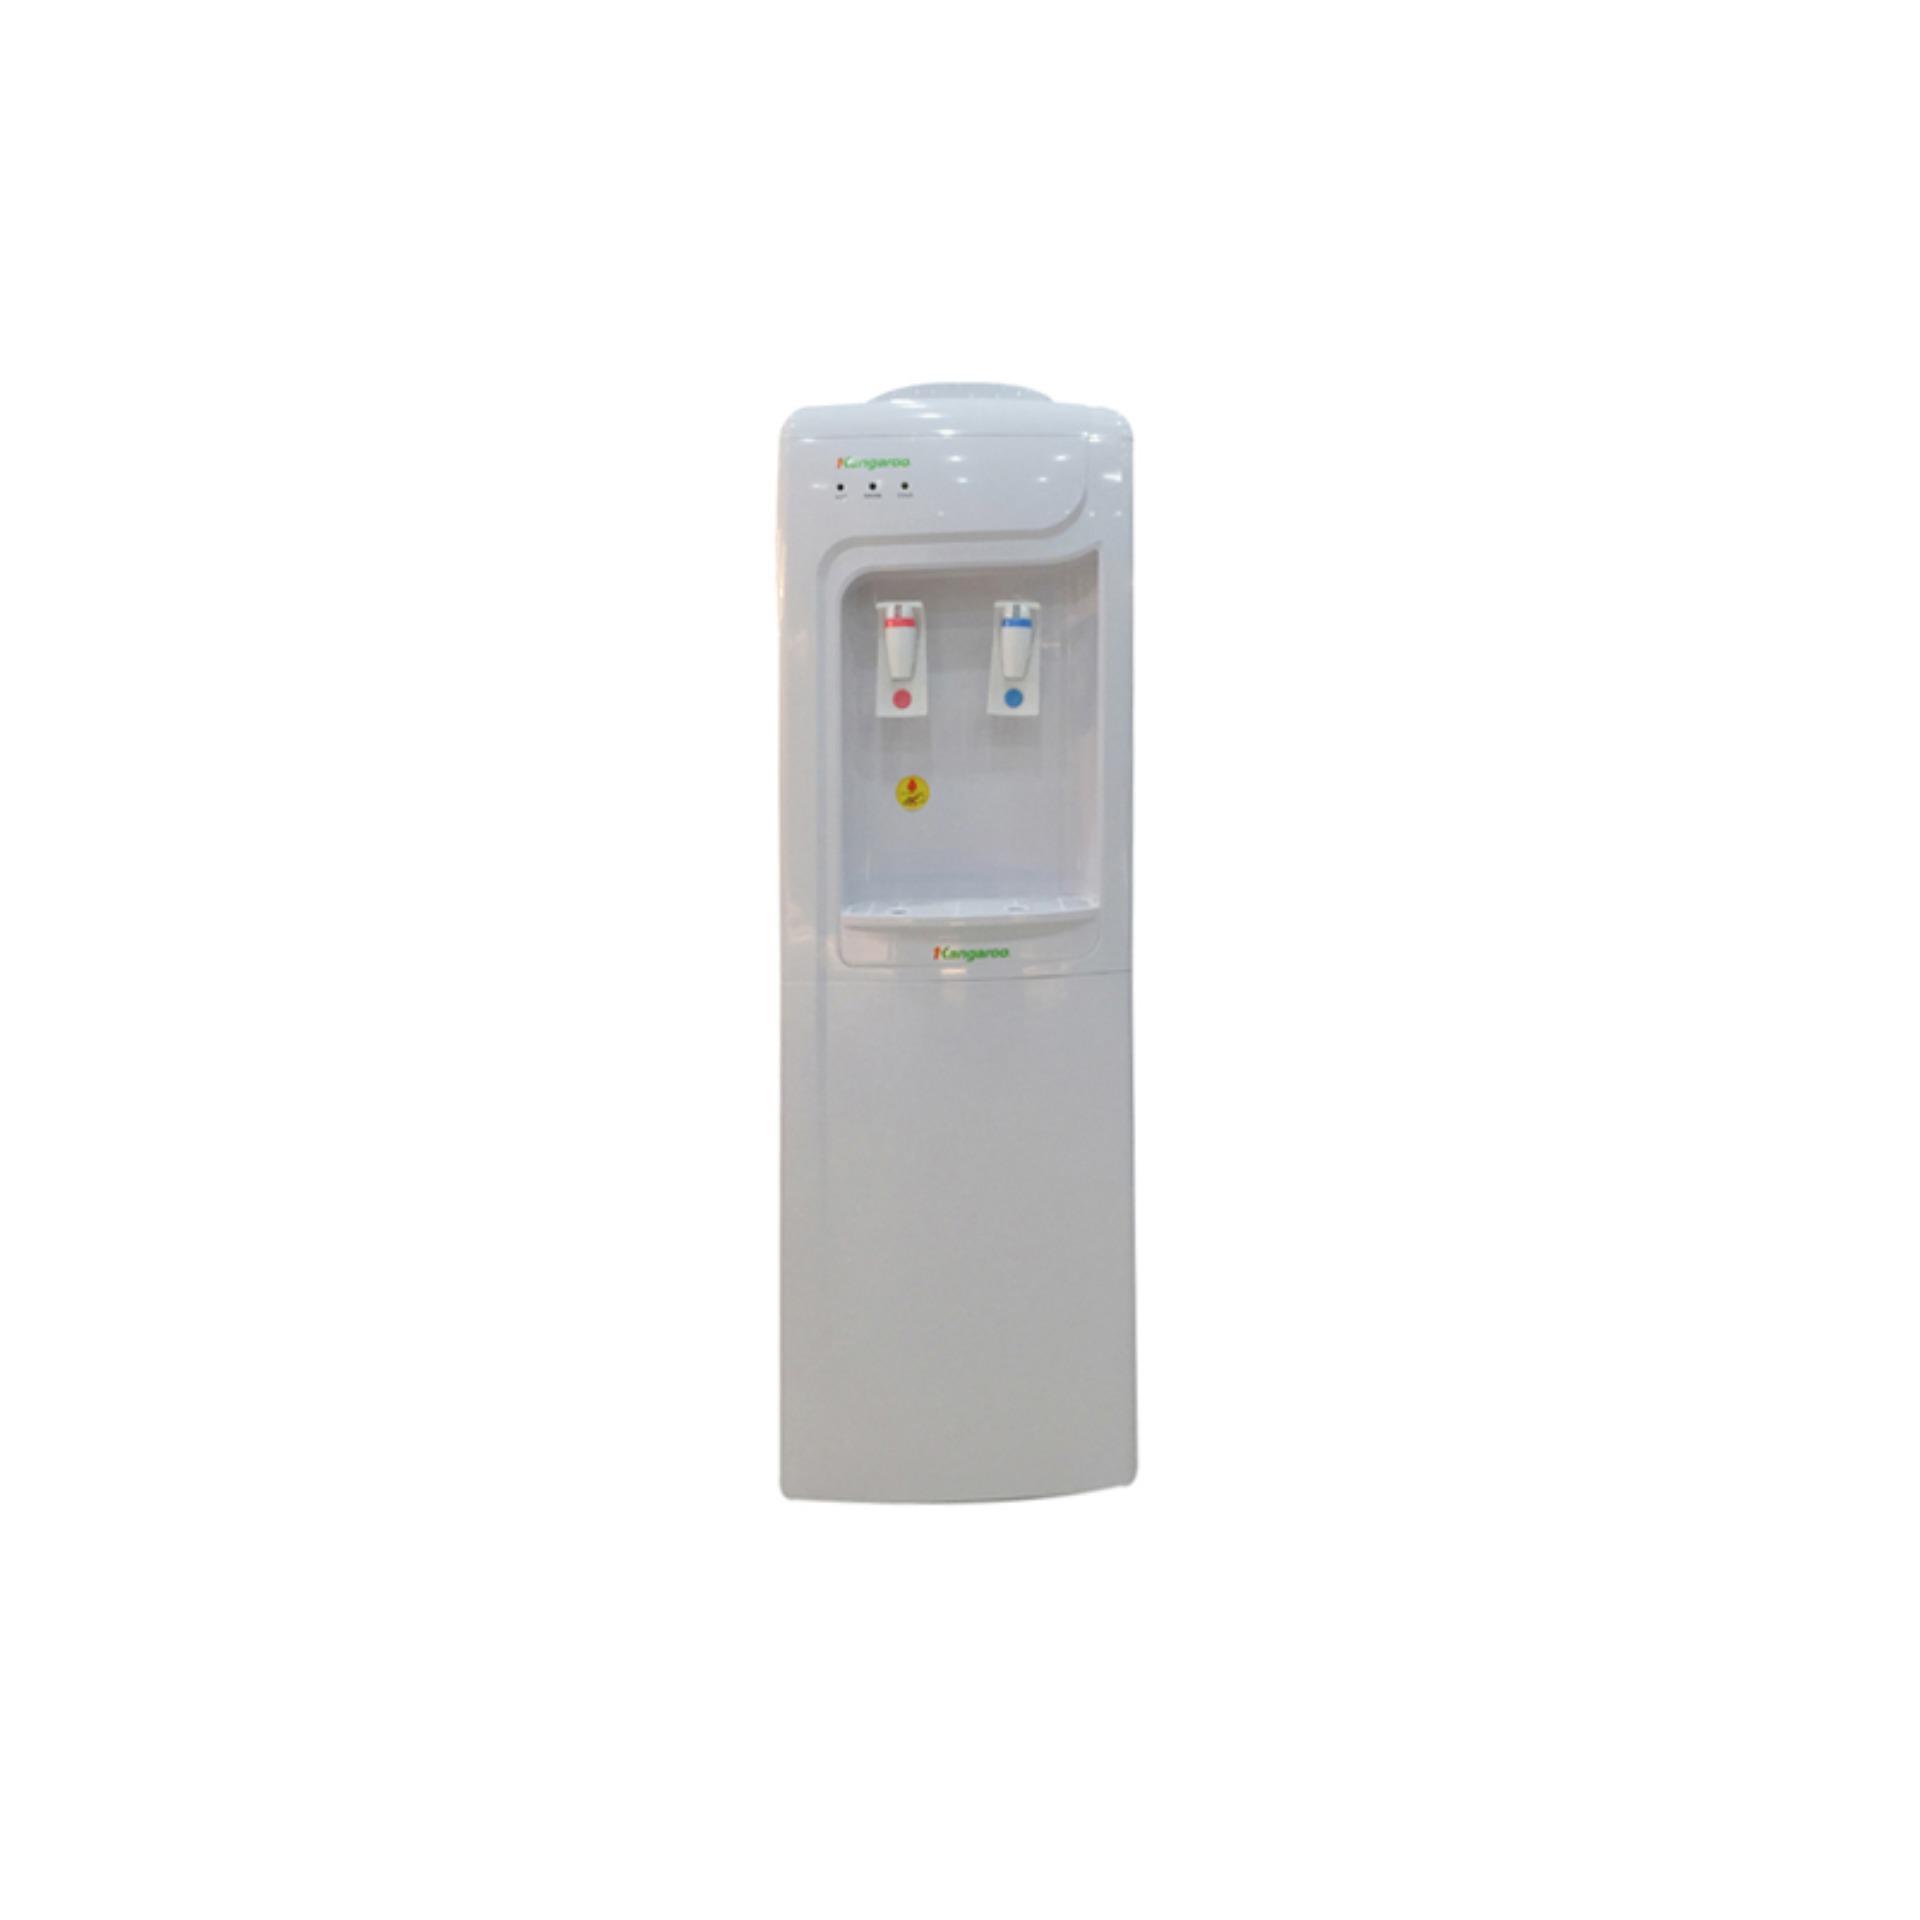 Giá Cây làm nóng lạnh nước uống Kangaroo KG3331